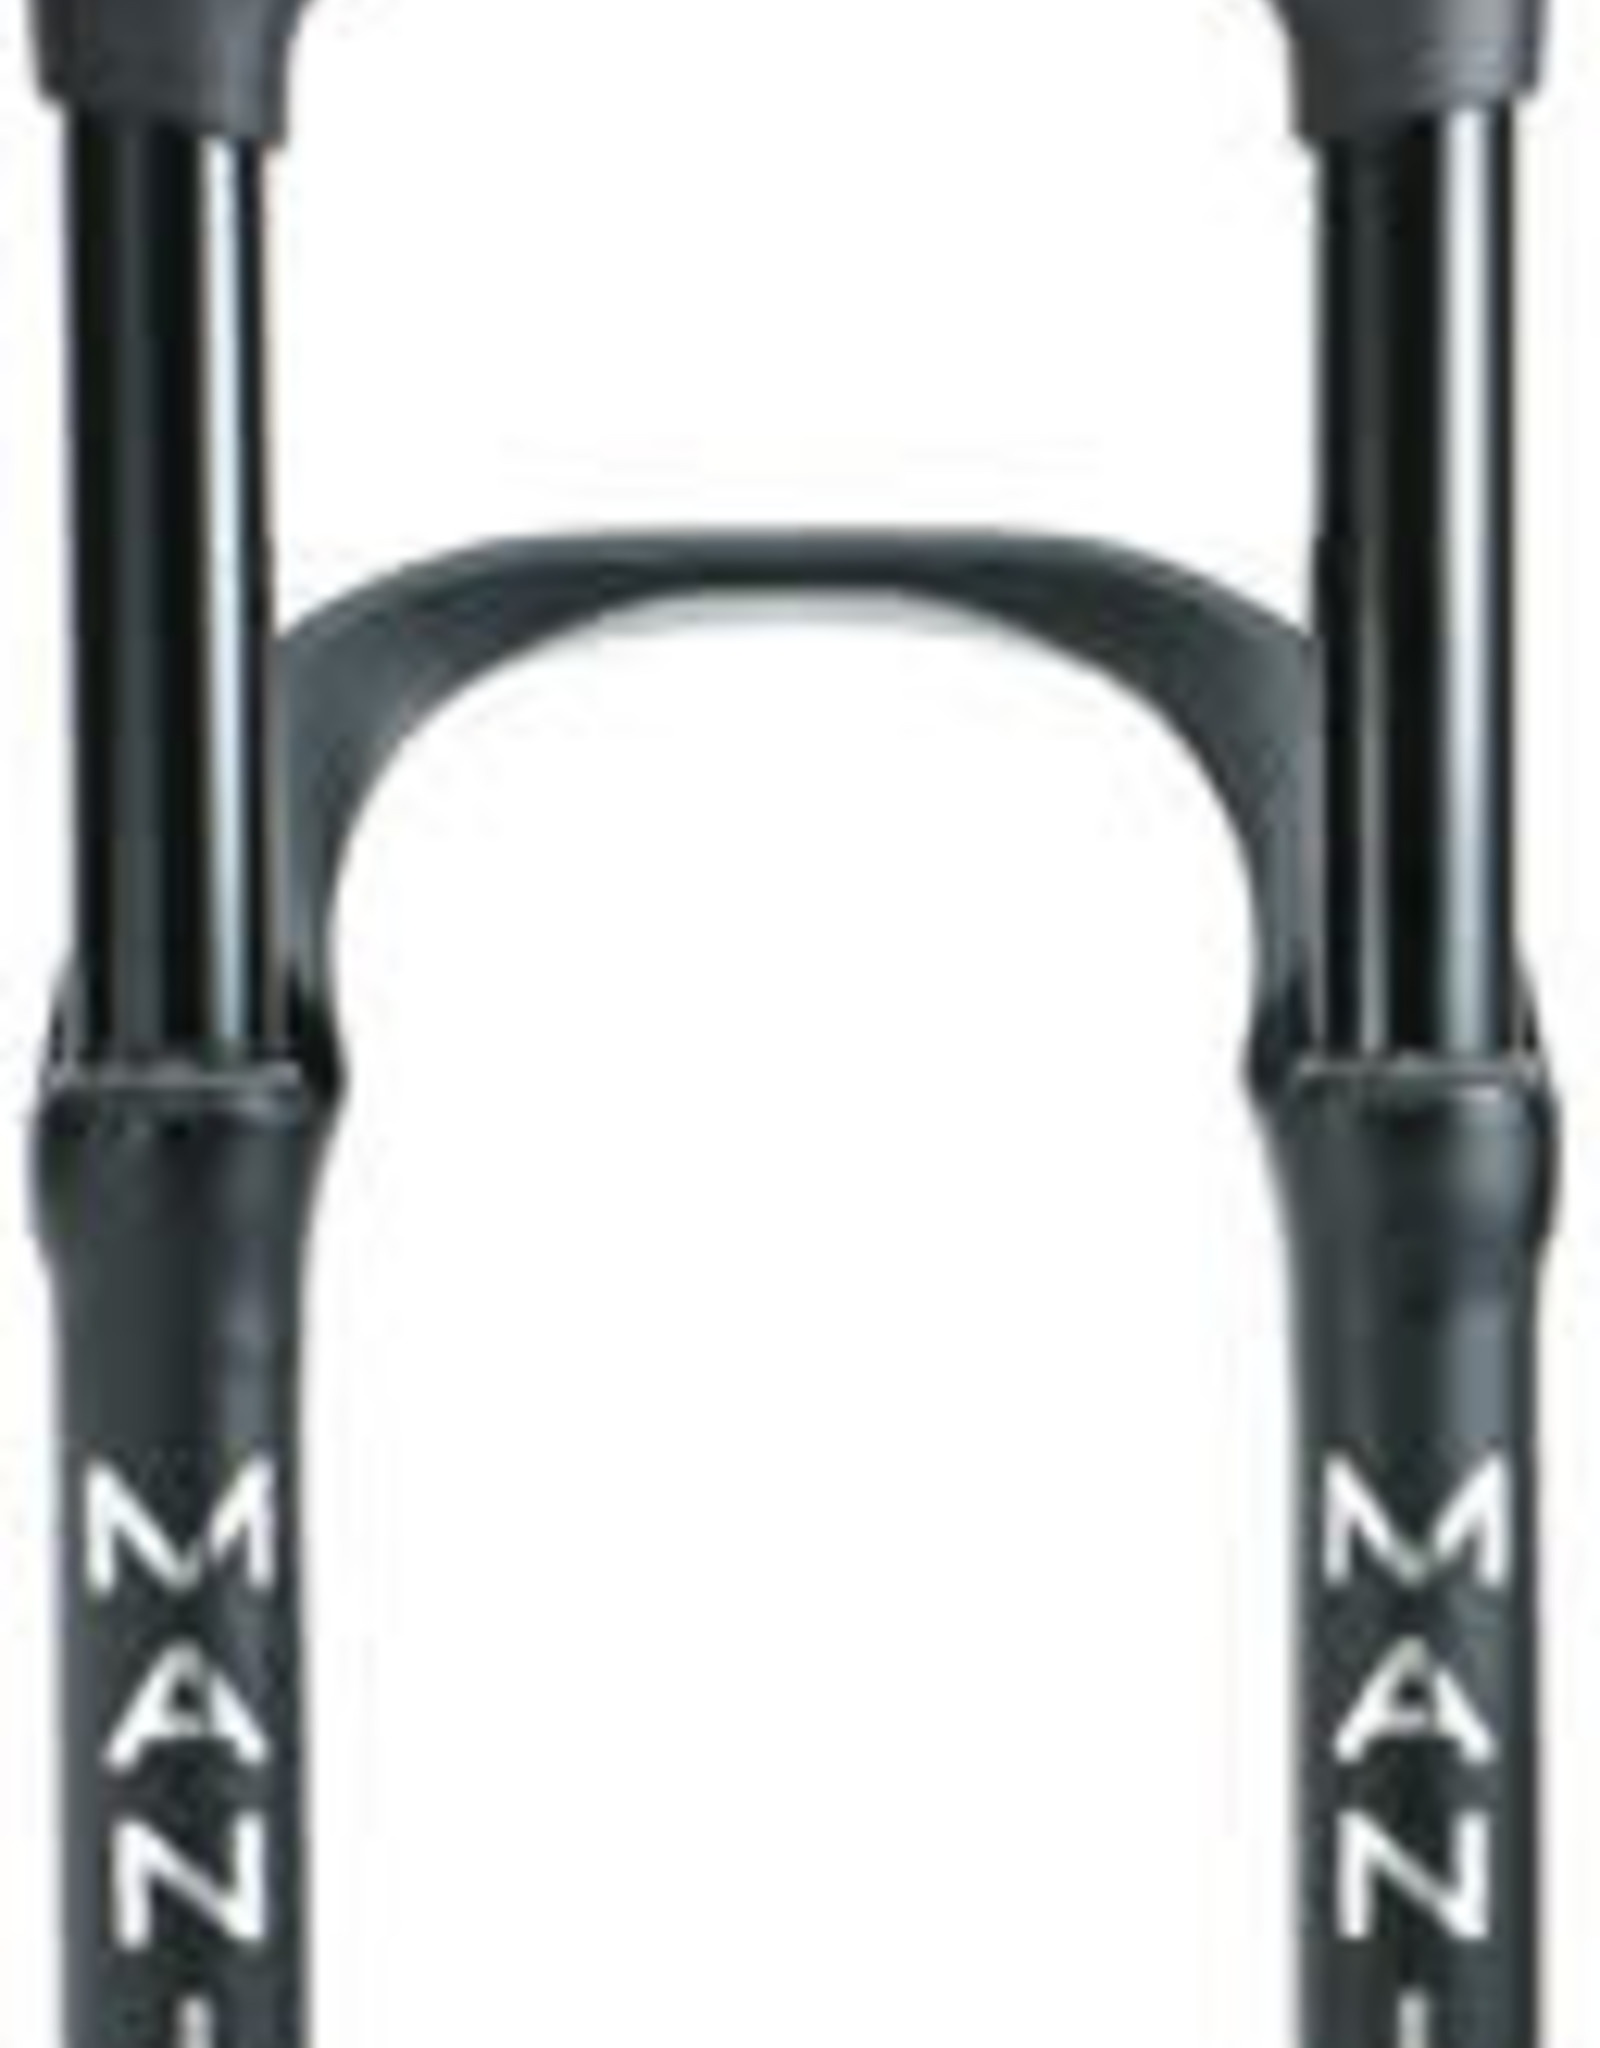 """Manitou Manitou Mastodon Comp Suspension Fork - 26"""", 100 mm, 15 x 150 mm, 51 mm Offset, Matte Black, Extended"""